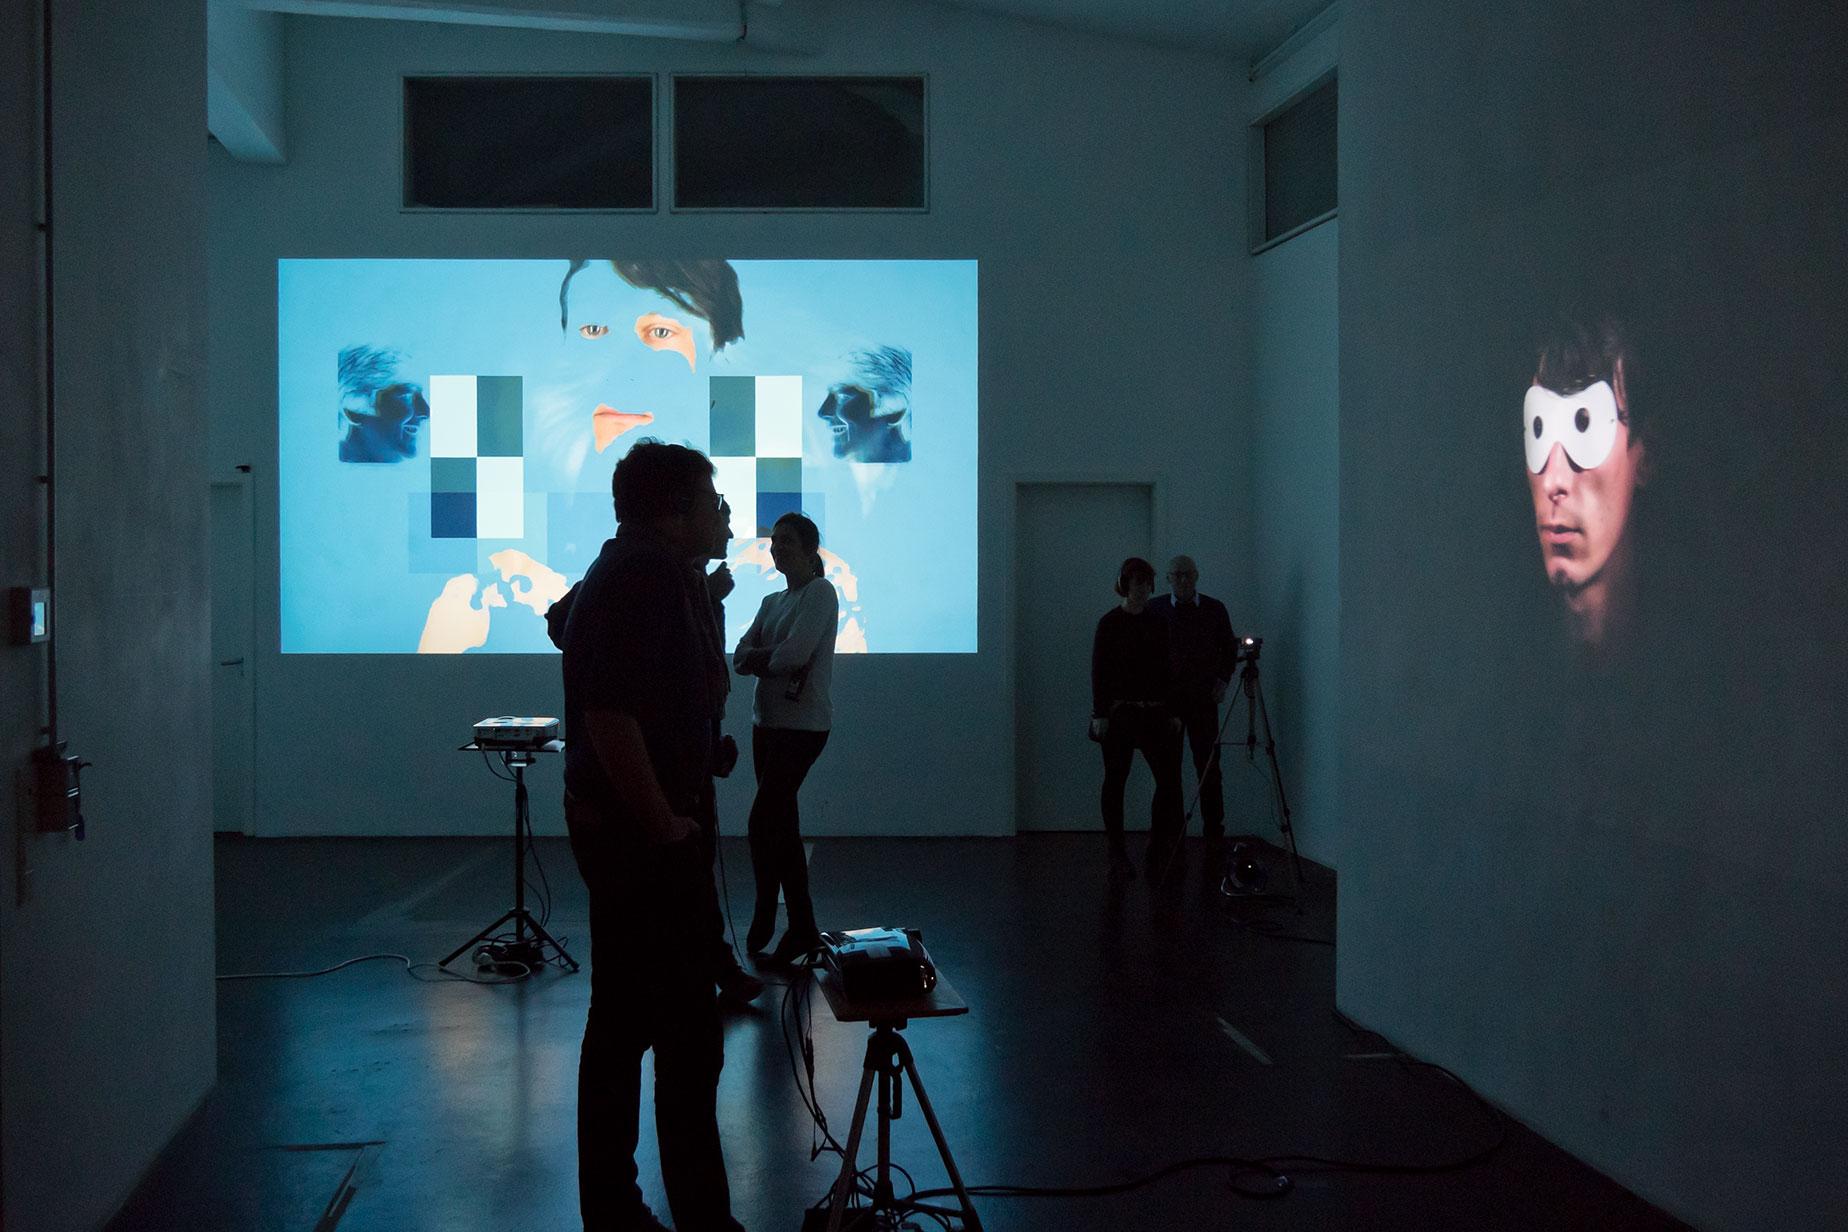 DOUBLE MAKE-UP, Opekta Ateliers Köln, 2016